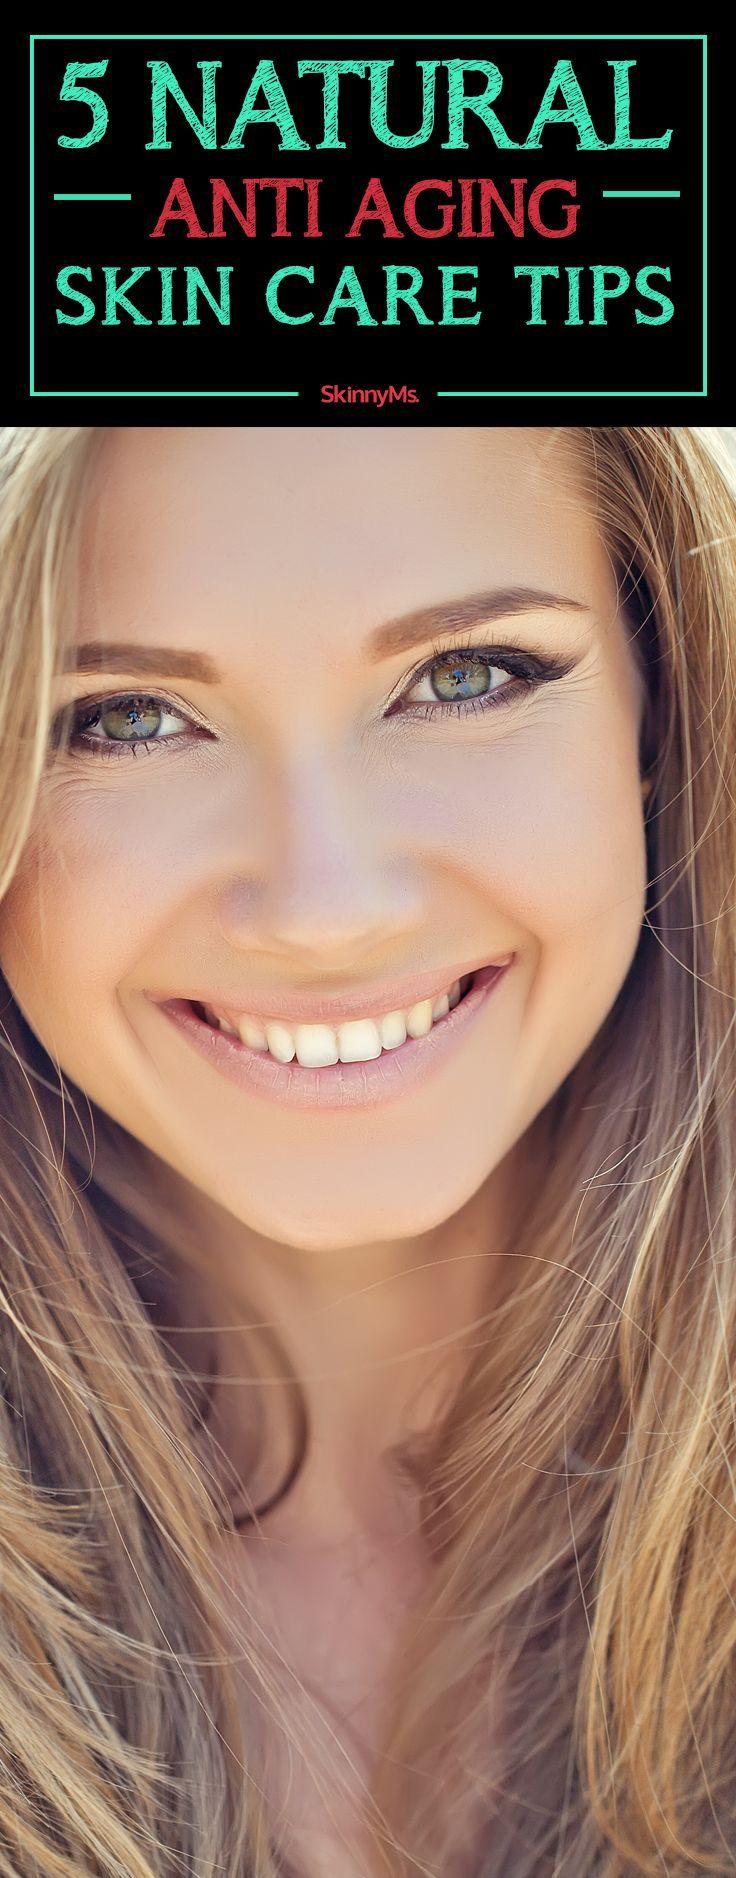 5 Natural Anti-Aging Skin Care Tips | Skinny Ms. Beautiful ...